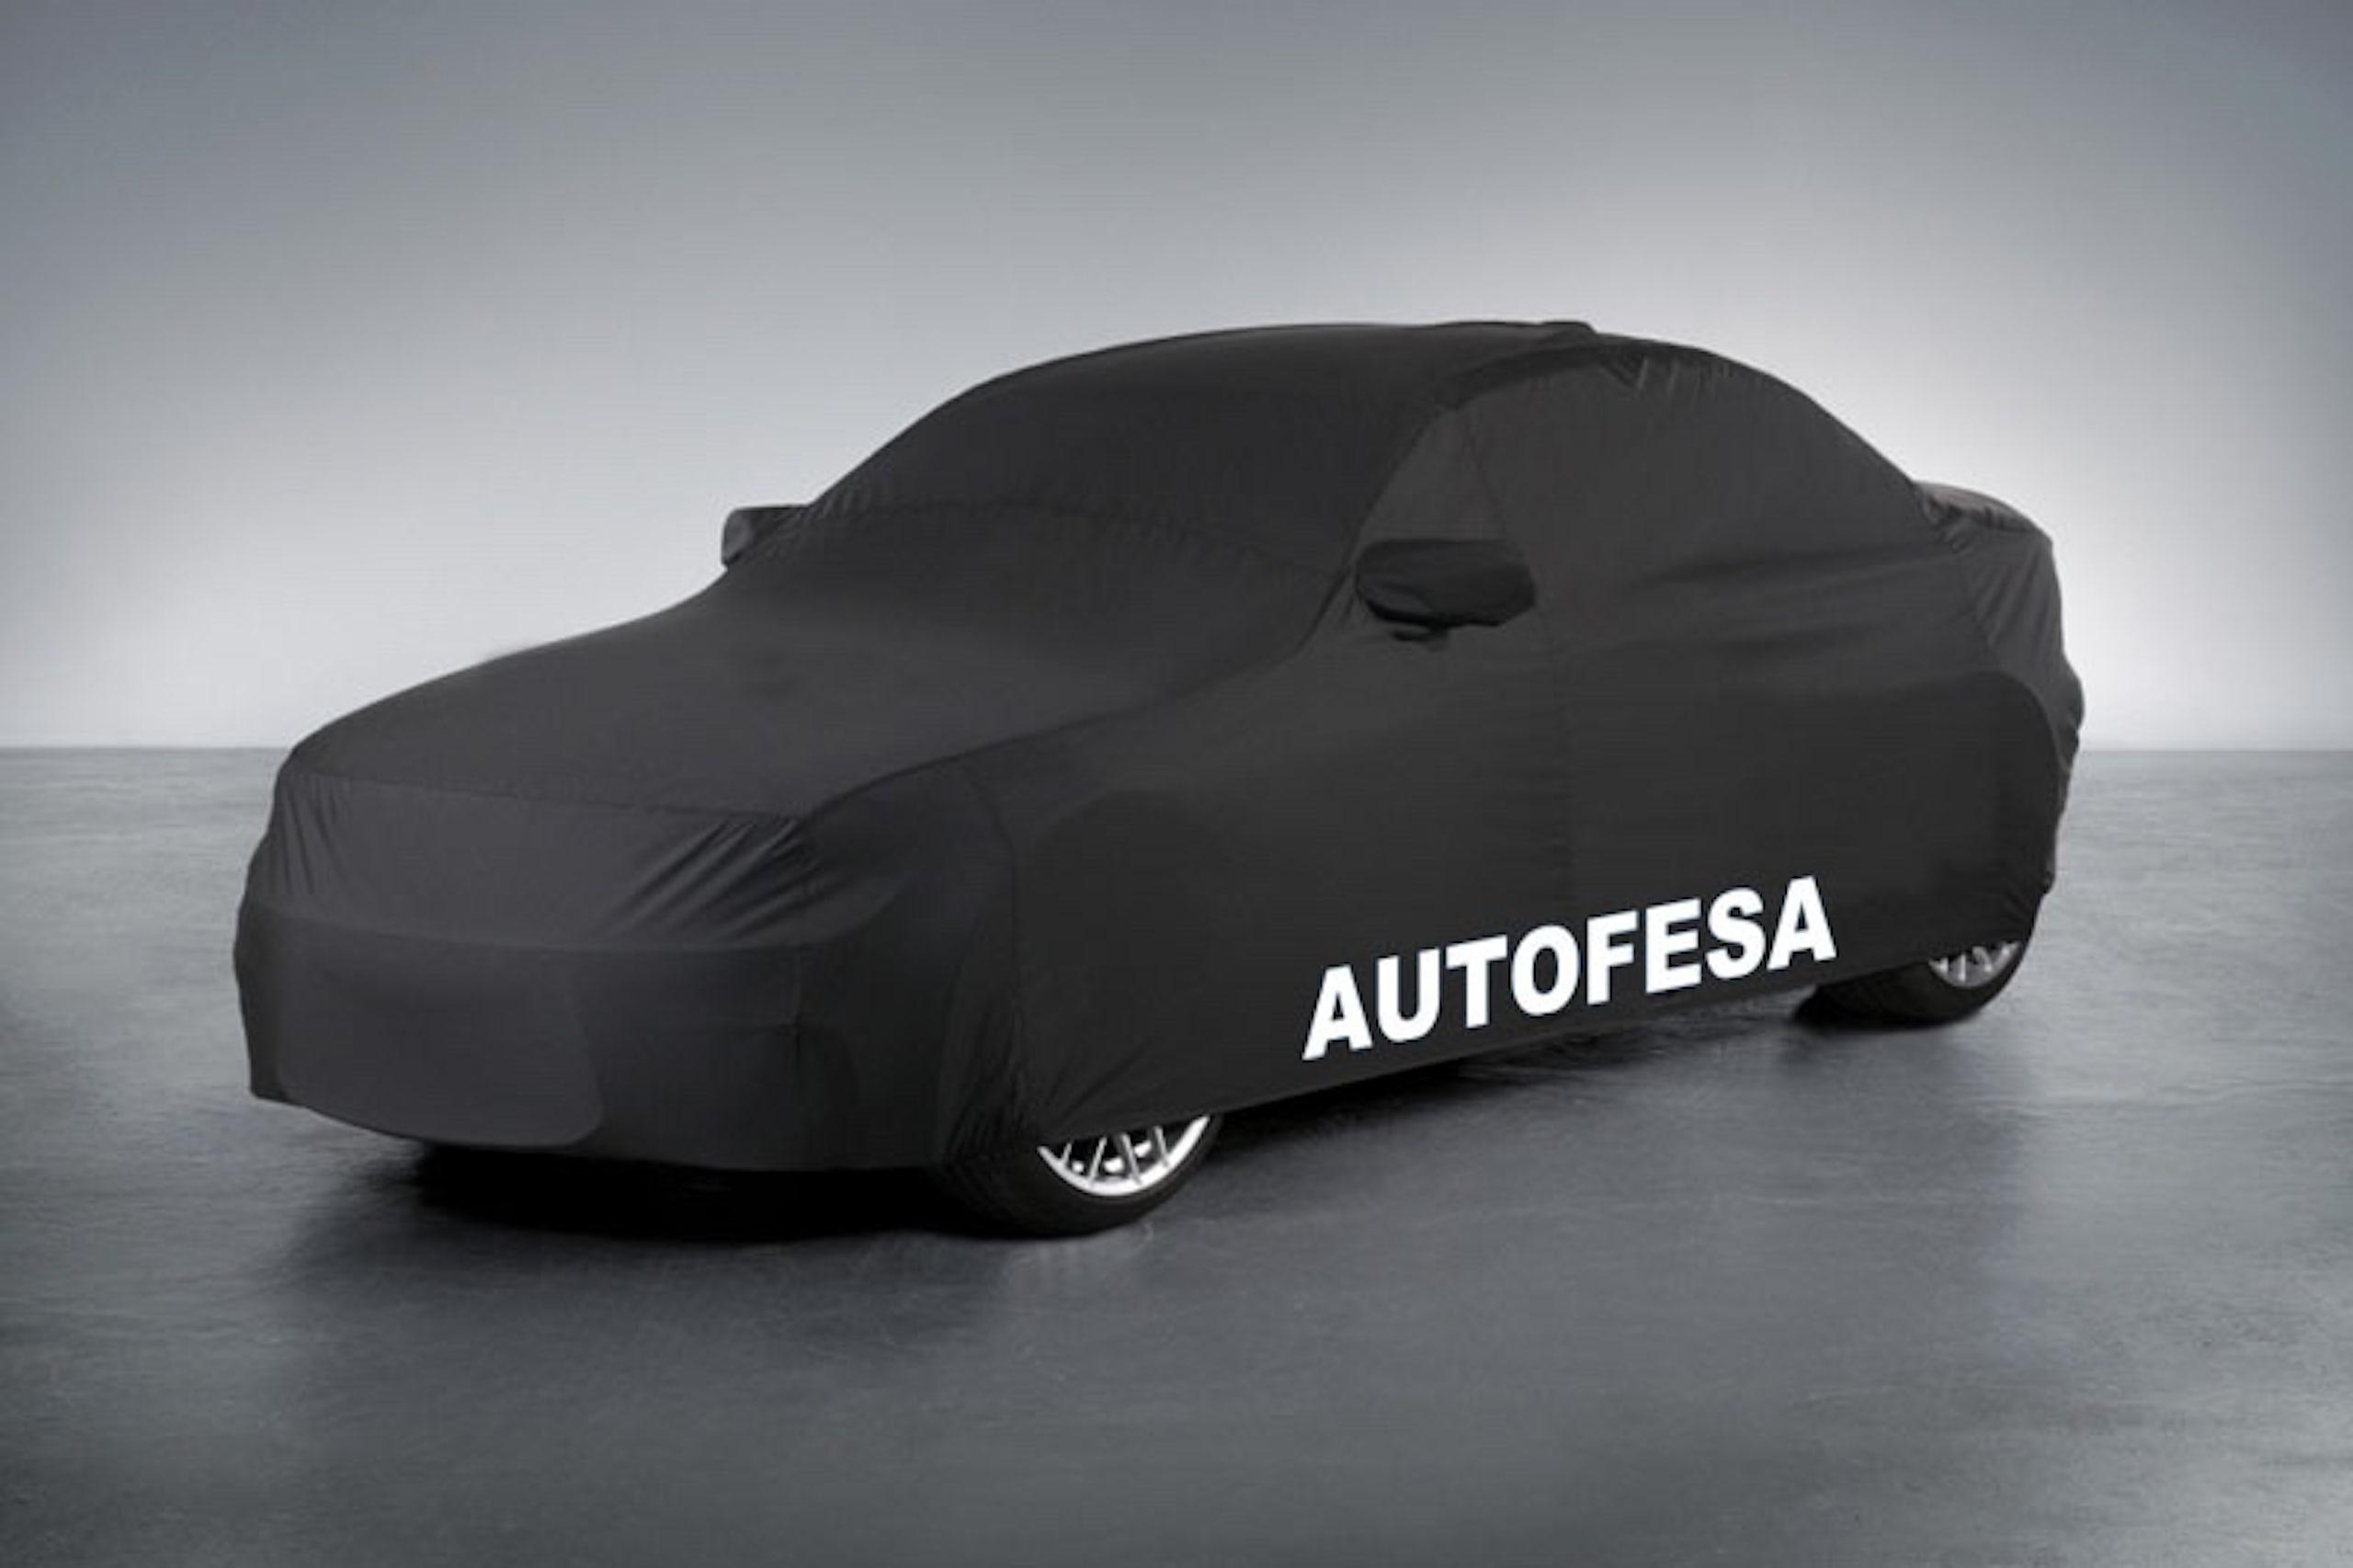 Audi A4 Avant 2.0 TDI 190cv quattro 5p S tronic Auto S/S - Foto 19